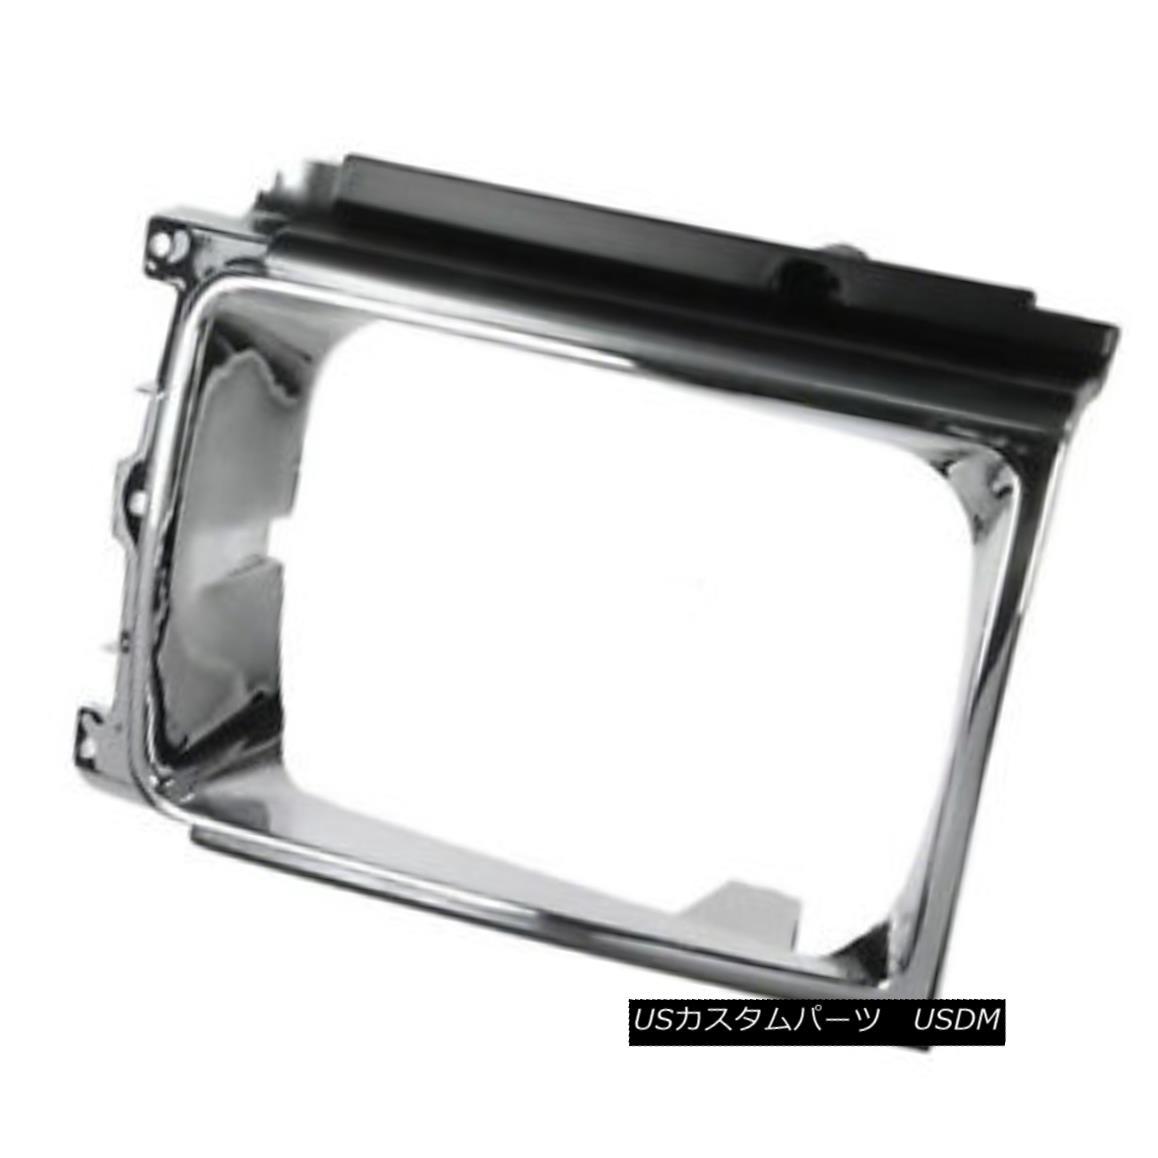 グリル New Headlight Door Chrome & Silver Passenger Side for 4 wheel drive 630-50077A 新しいヘッドライトドアクローム& 四輪駆動630-50077Aシルバーの旅客側